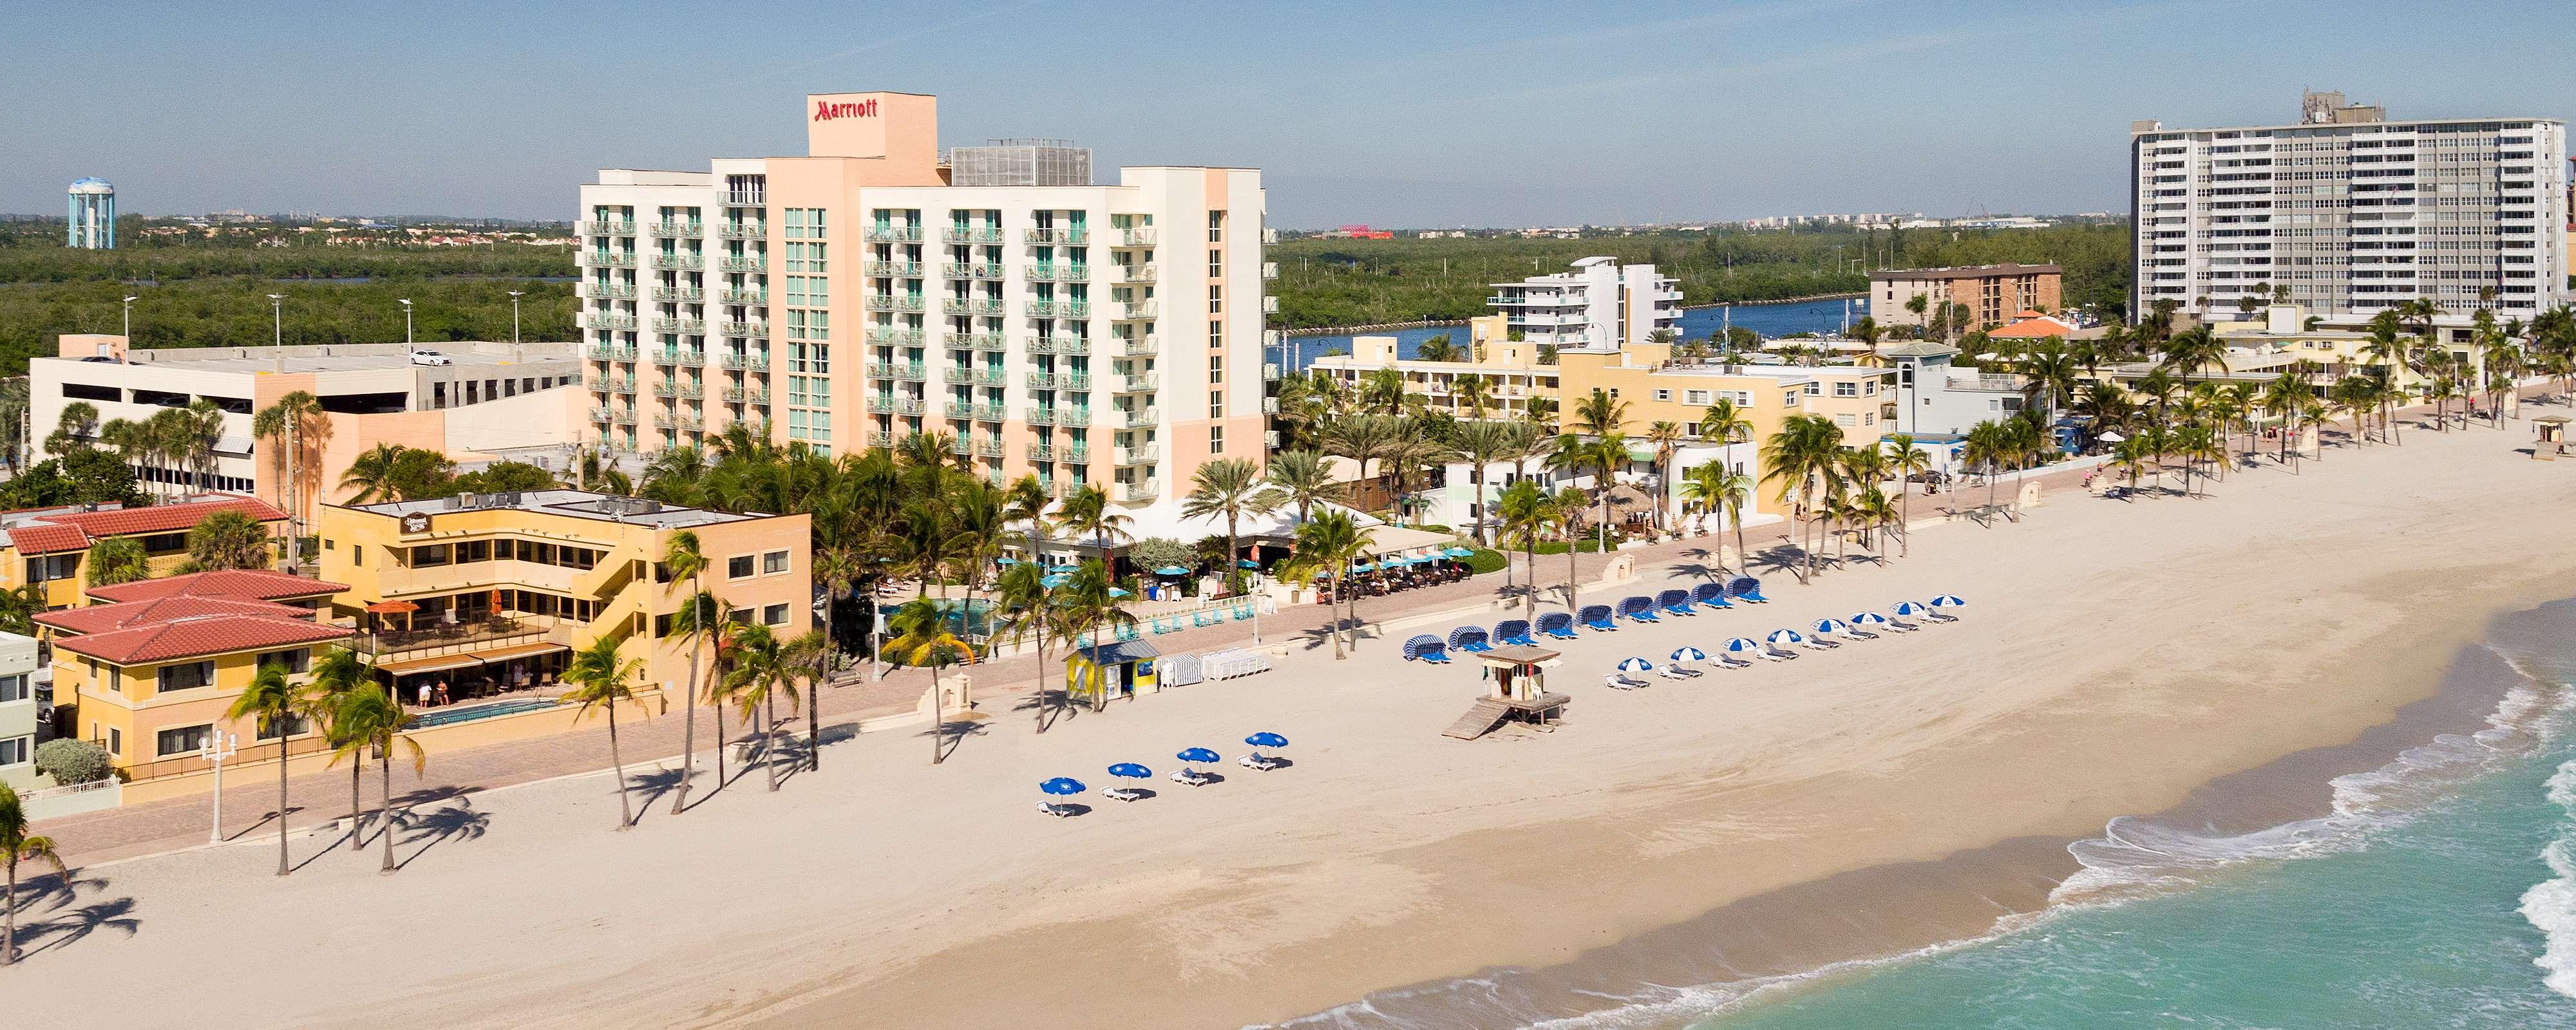 Boardwalk Hotel In Hollywood Beach, Fl | Hollywood Beach Marriott - Map Of Hotels In Hollywood Florida